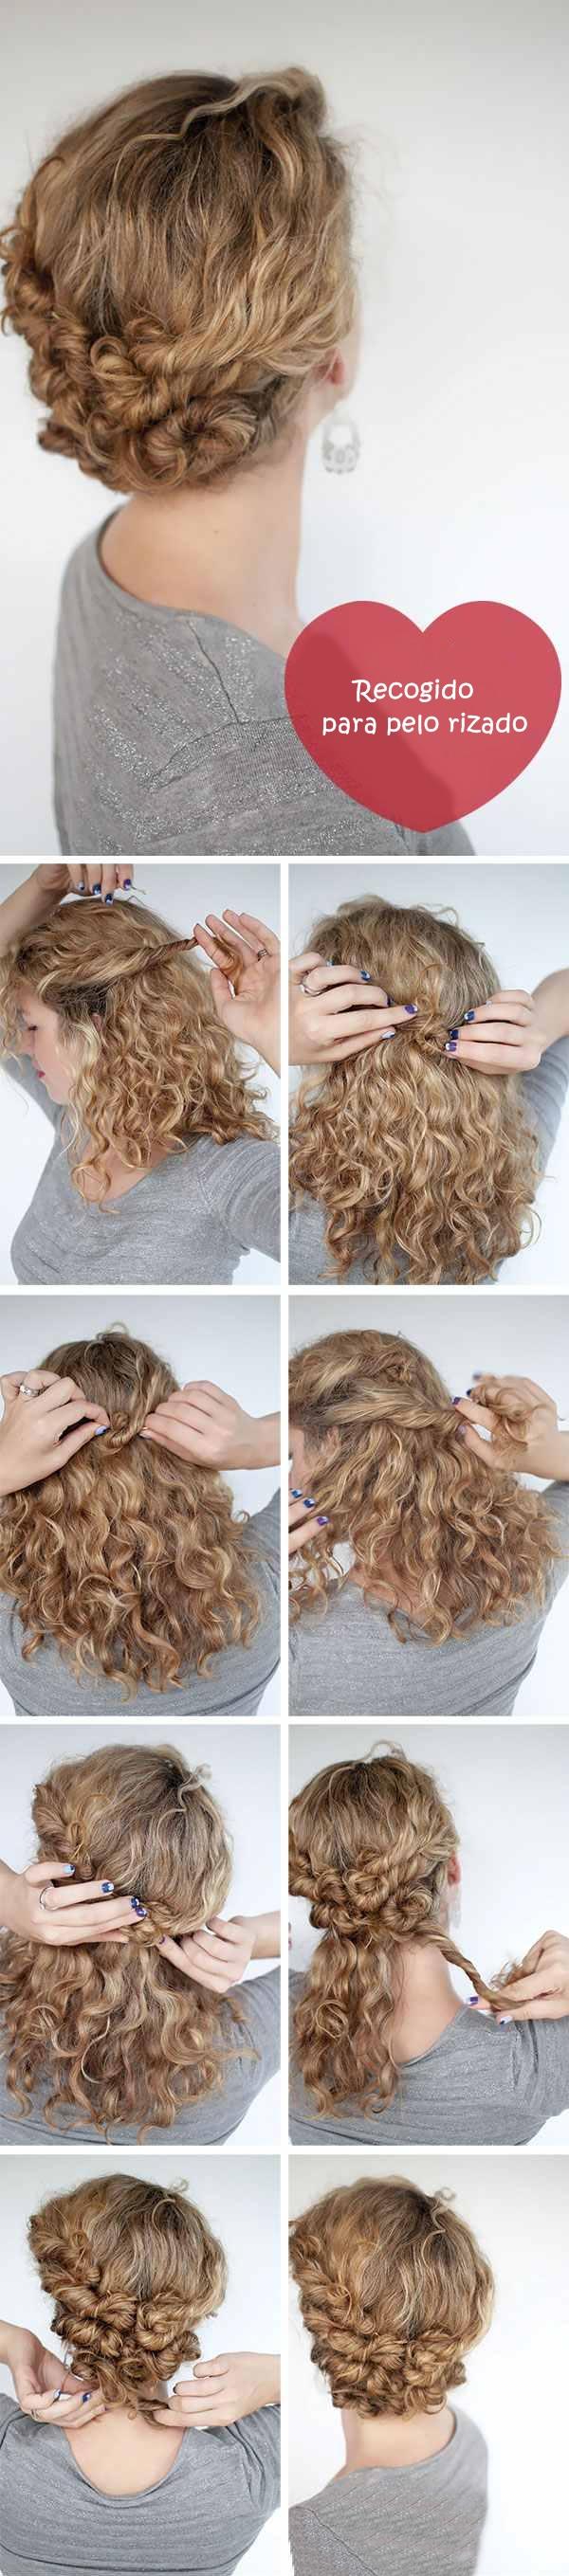 Que aceites es útil añadir en el champú para los cabellos